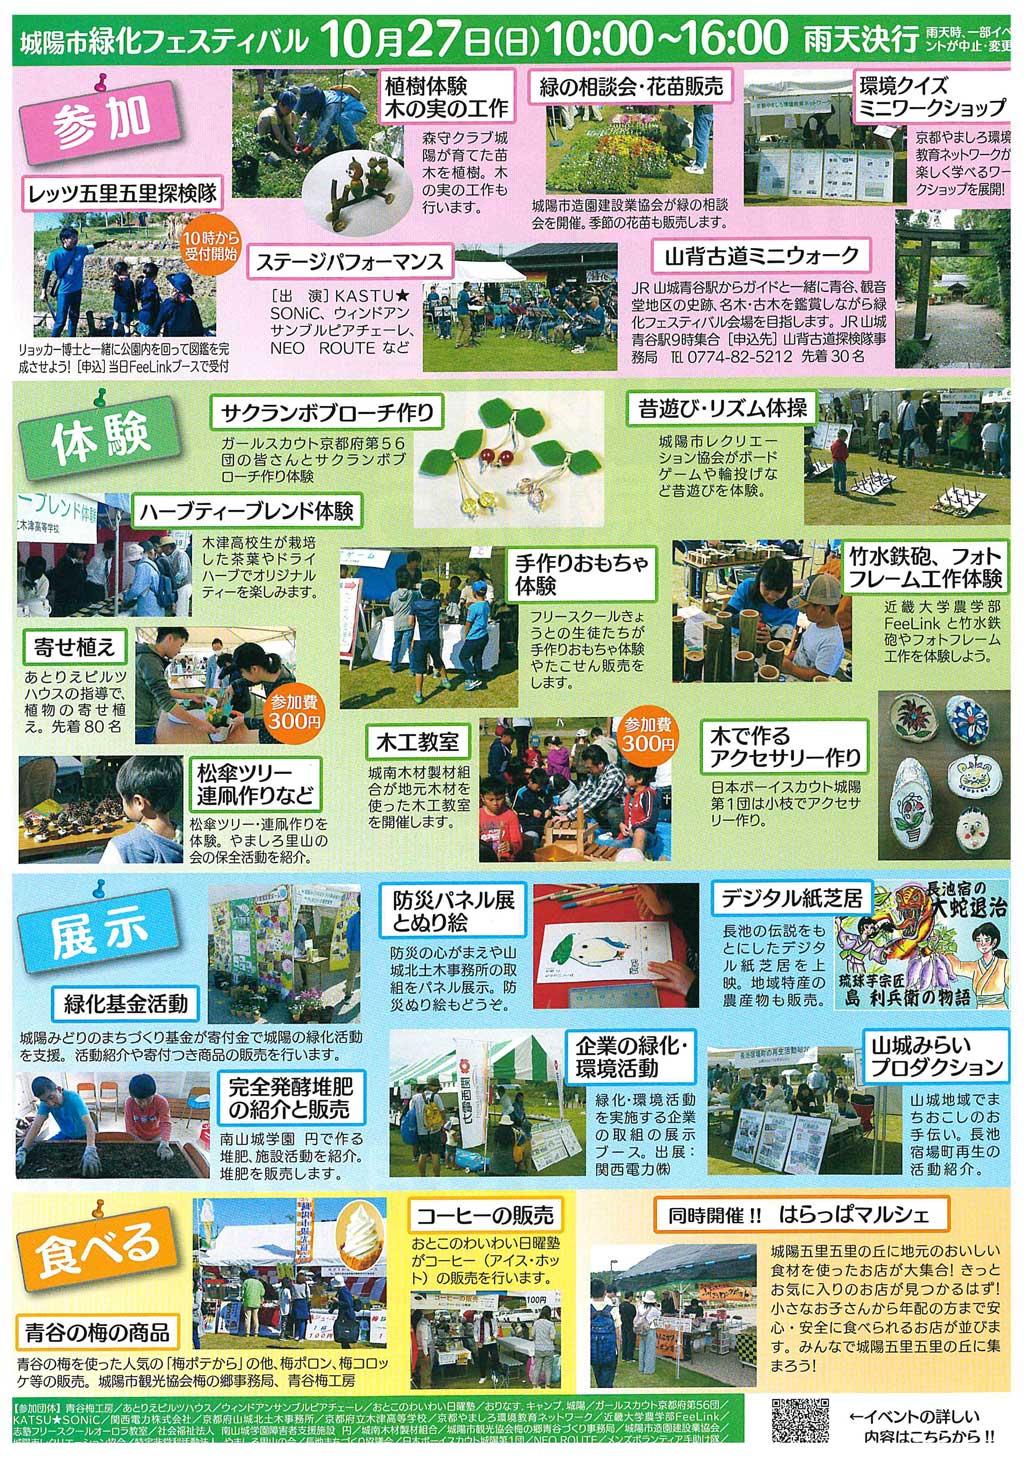 城陽市緑化フェスティバル2019-2